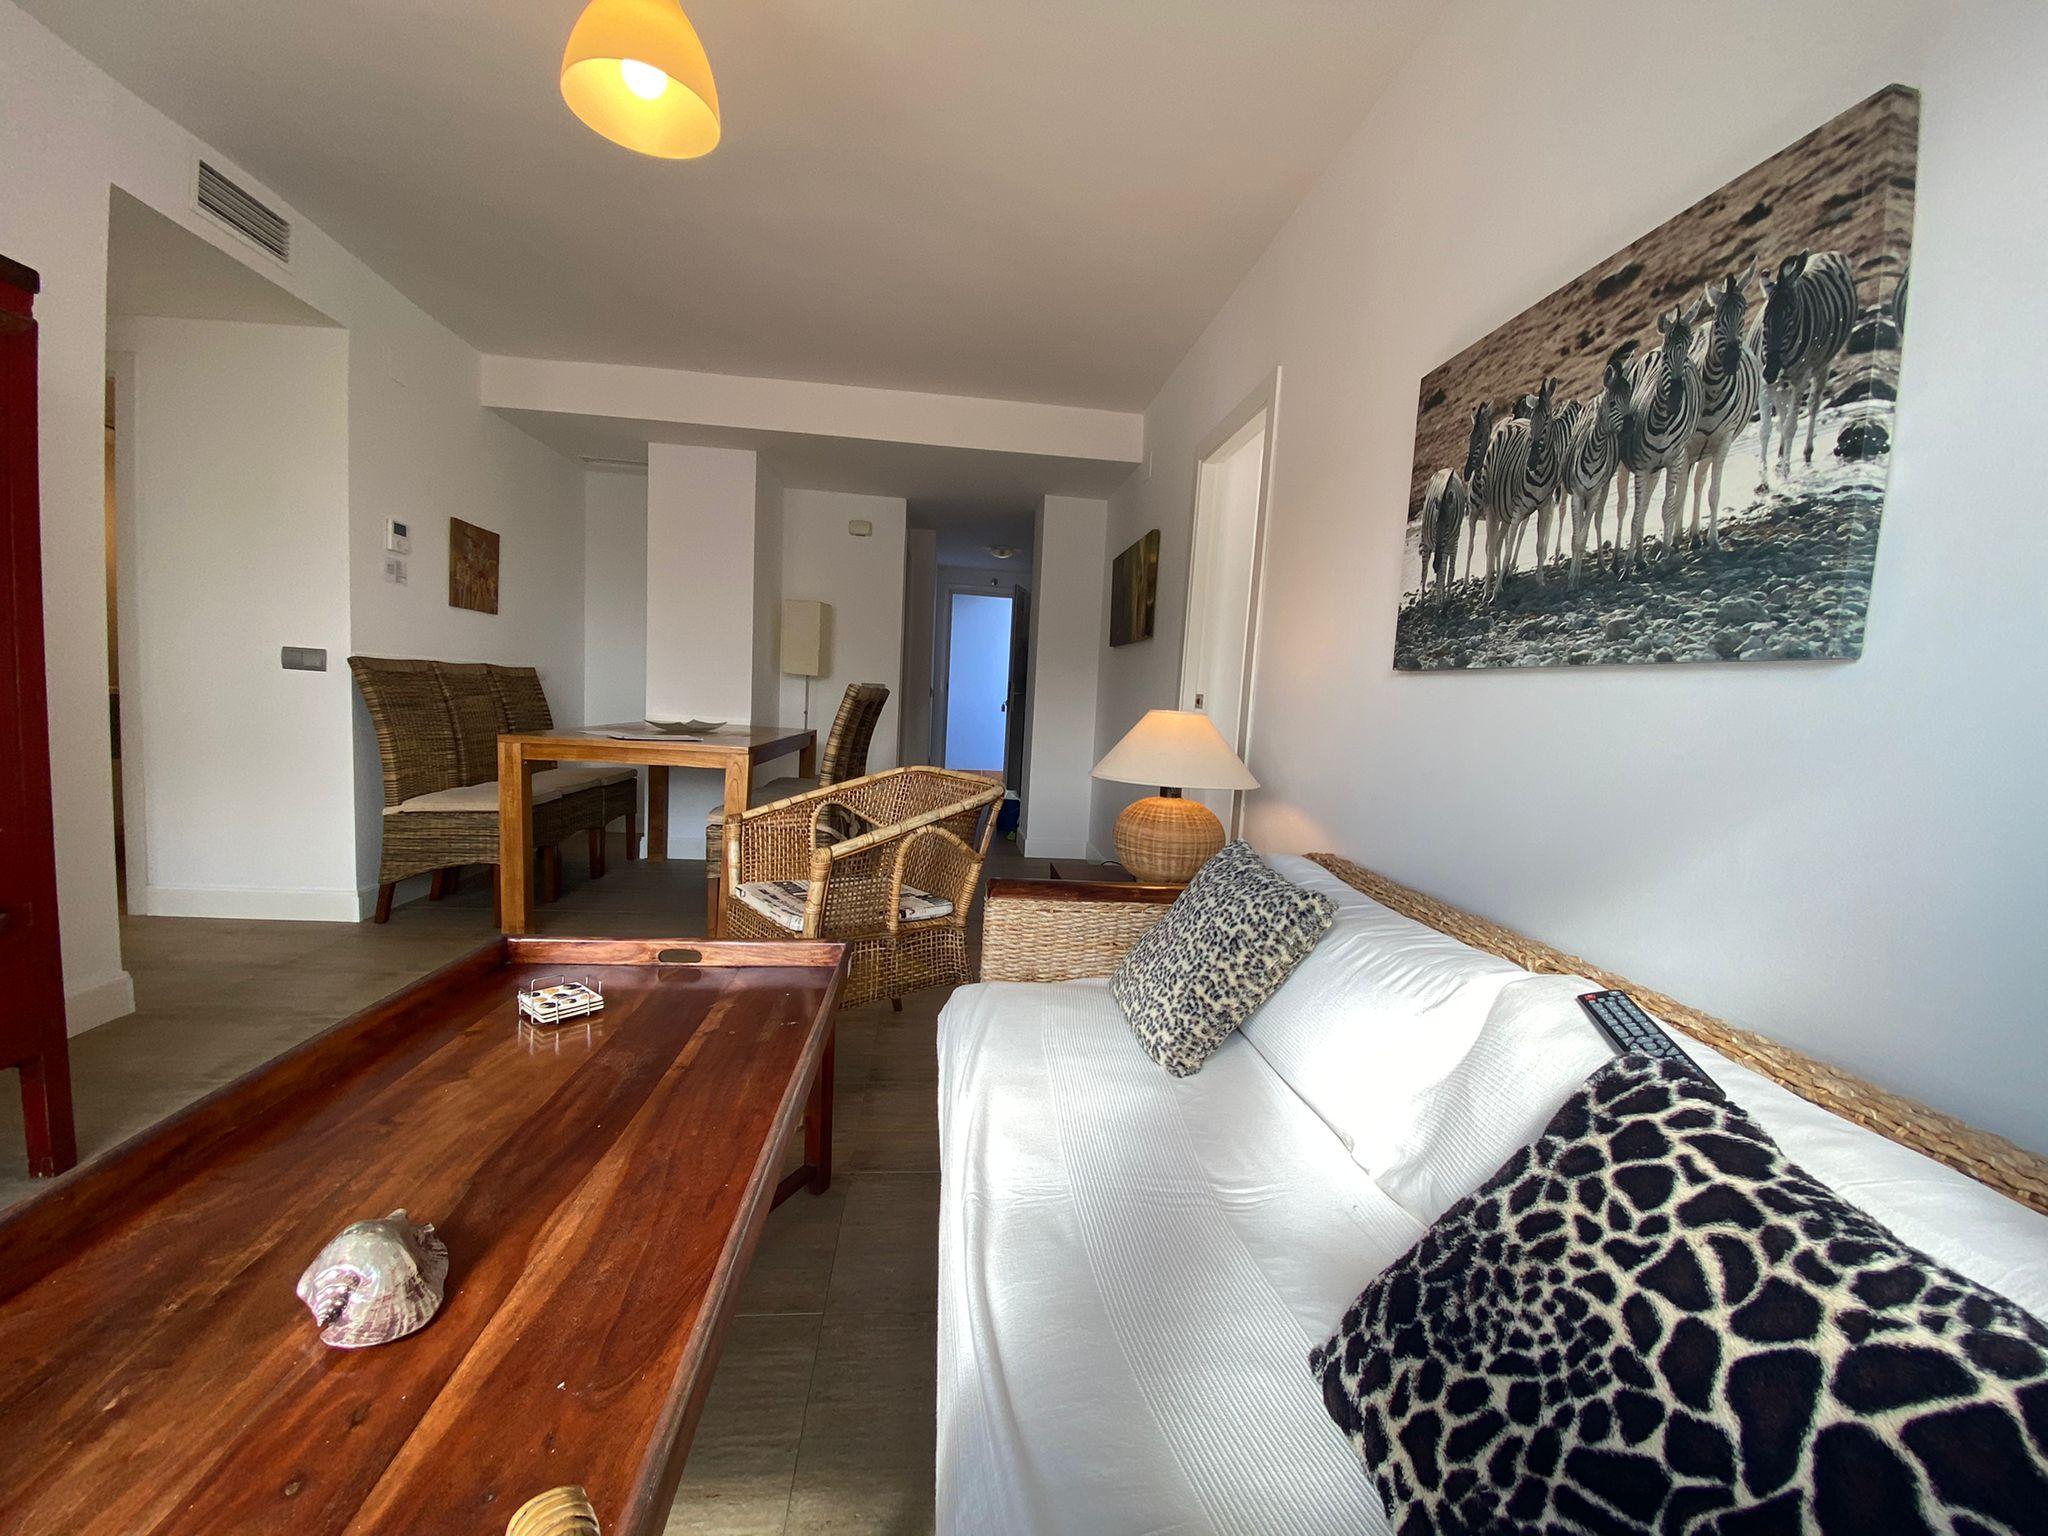 Imagen 16 del Apartamento Turístico, Ático 7 Central (3d+2b), Punta del Moral (HUELVA), Paseo de la Cruz nº22